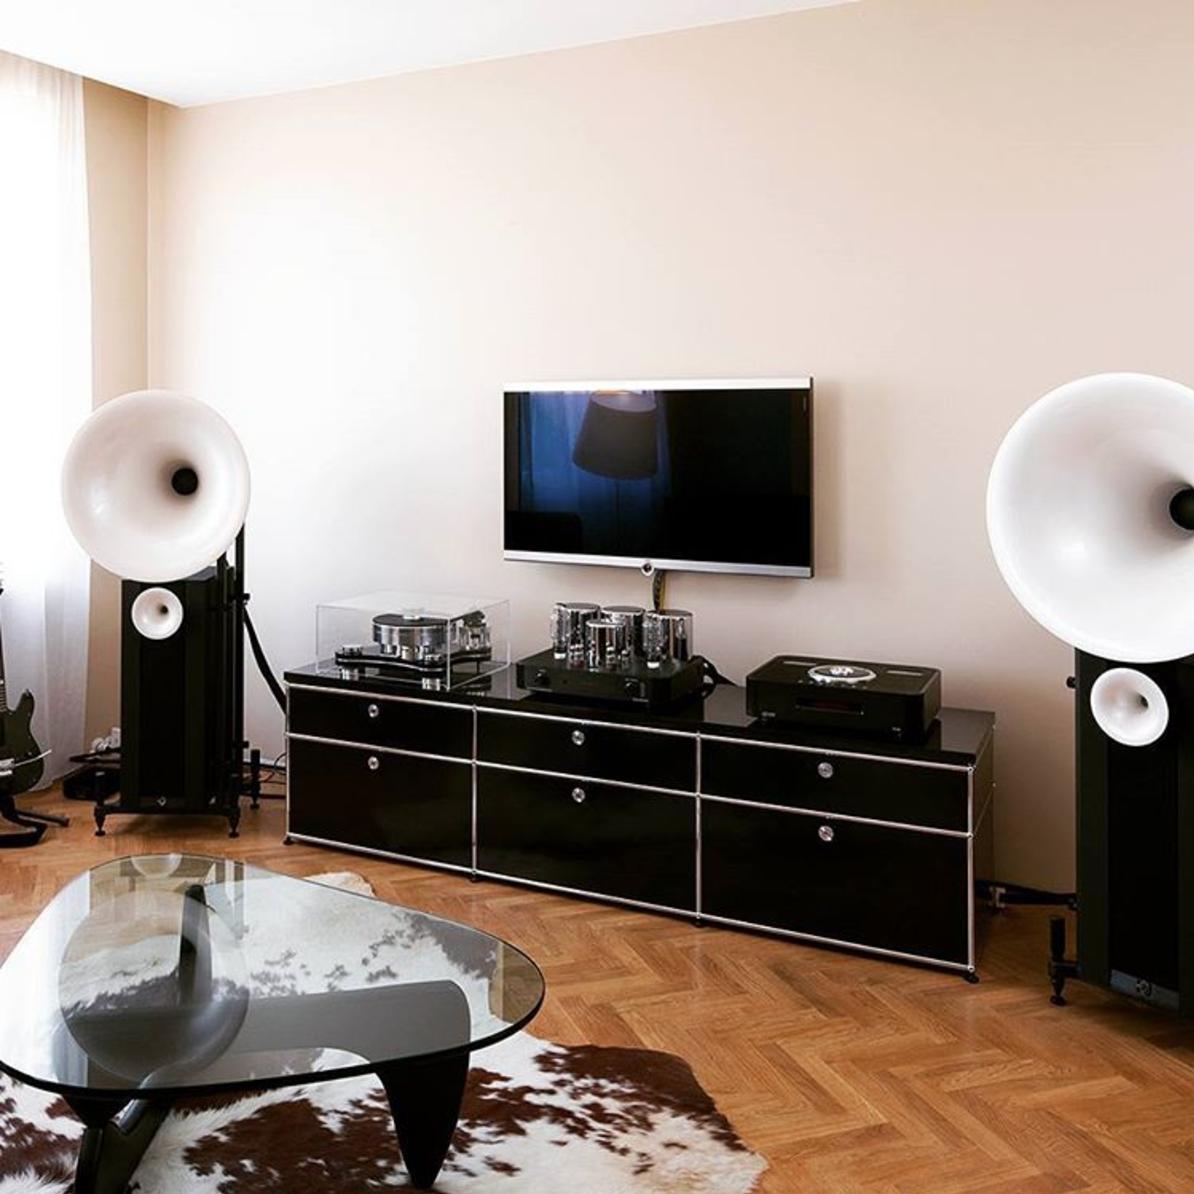 Exceptional Elegant Set Up With Usm Board And Avantgarde Acoustic Speaker #usm  #avantgardeacoustic #hifi